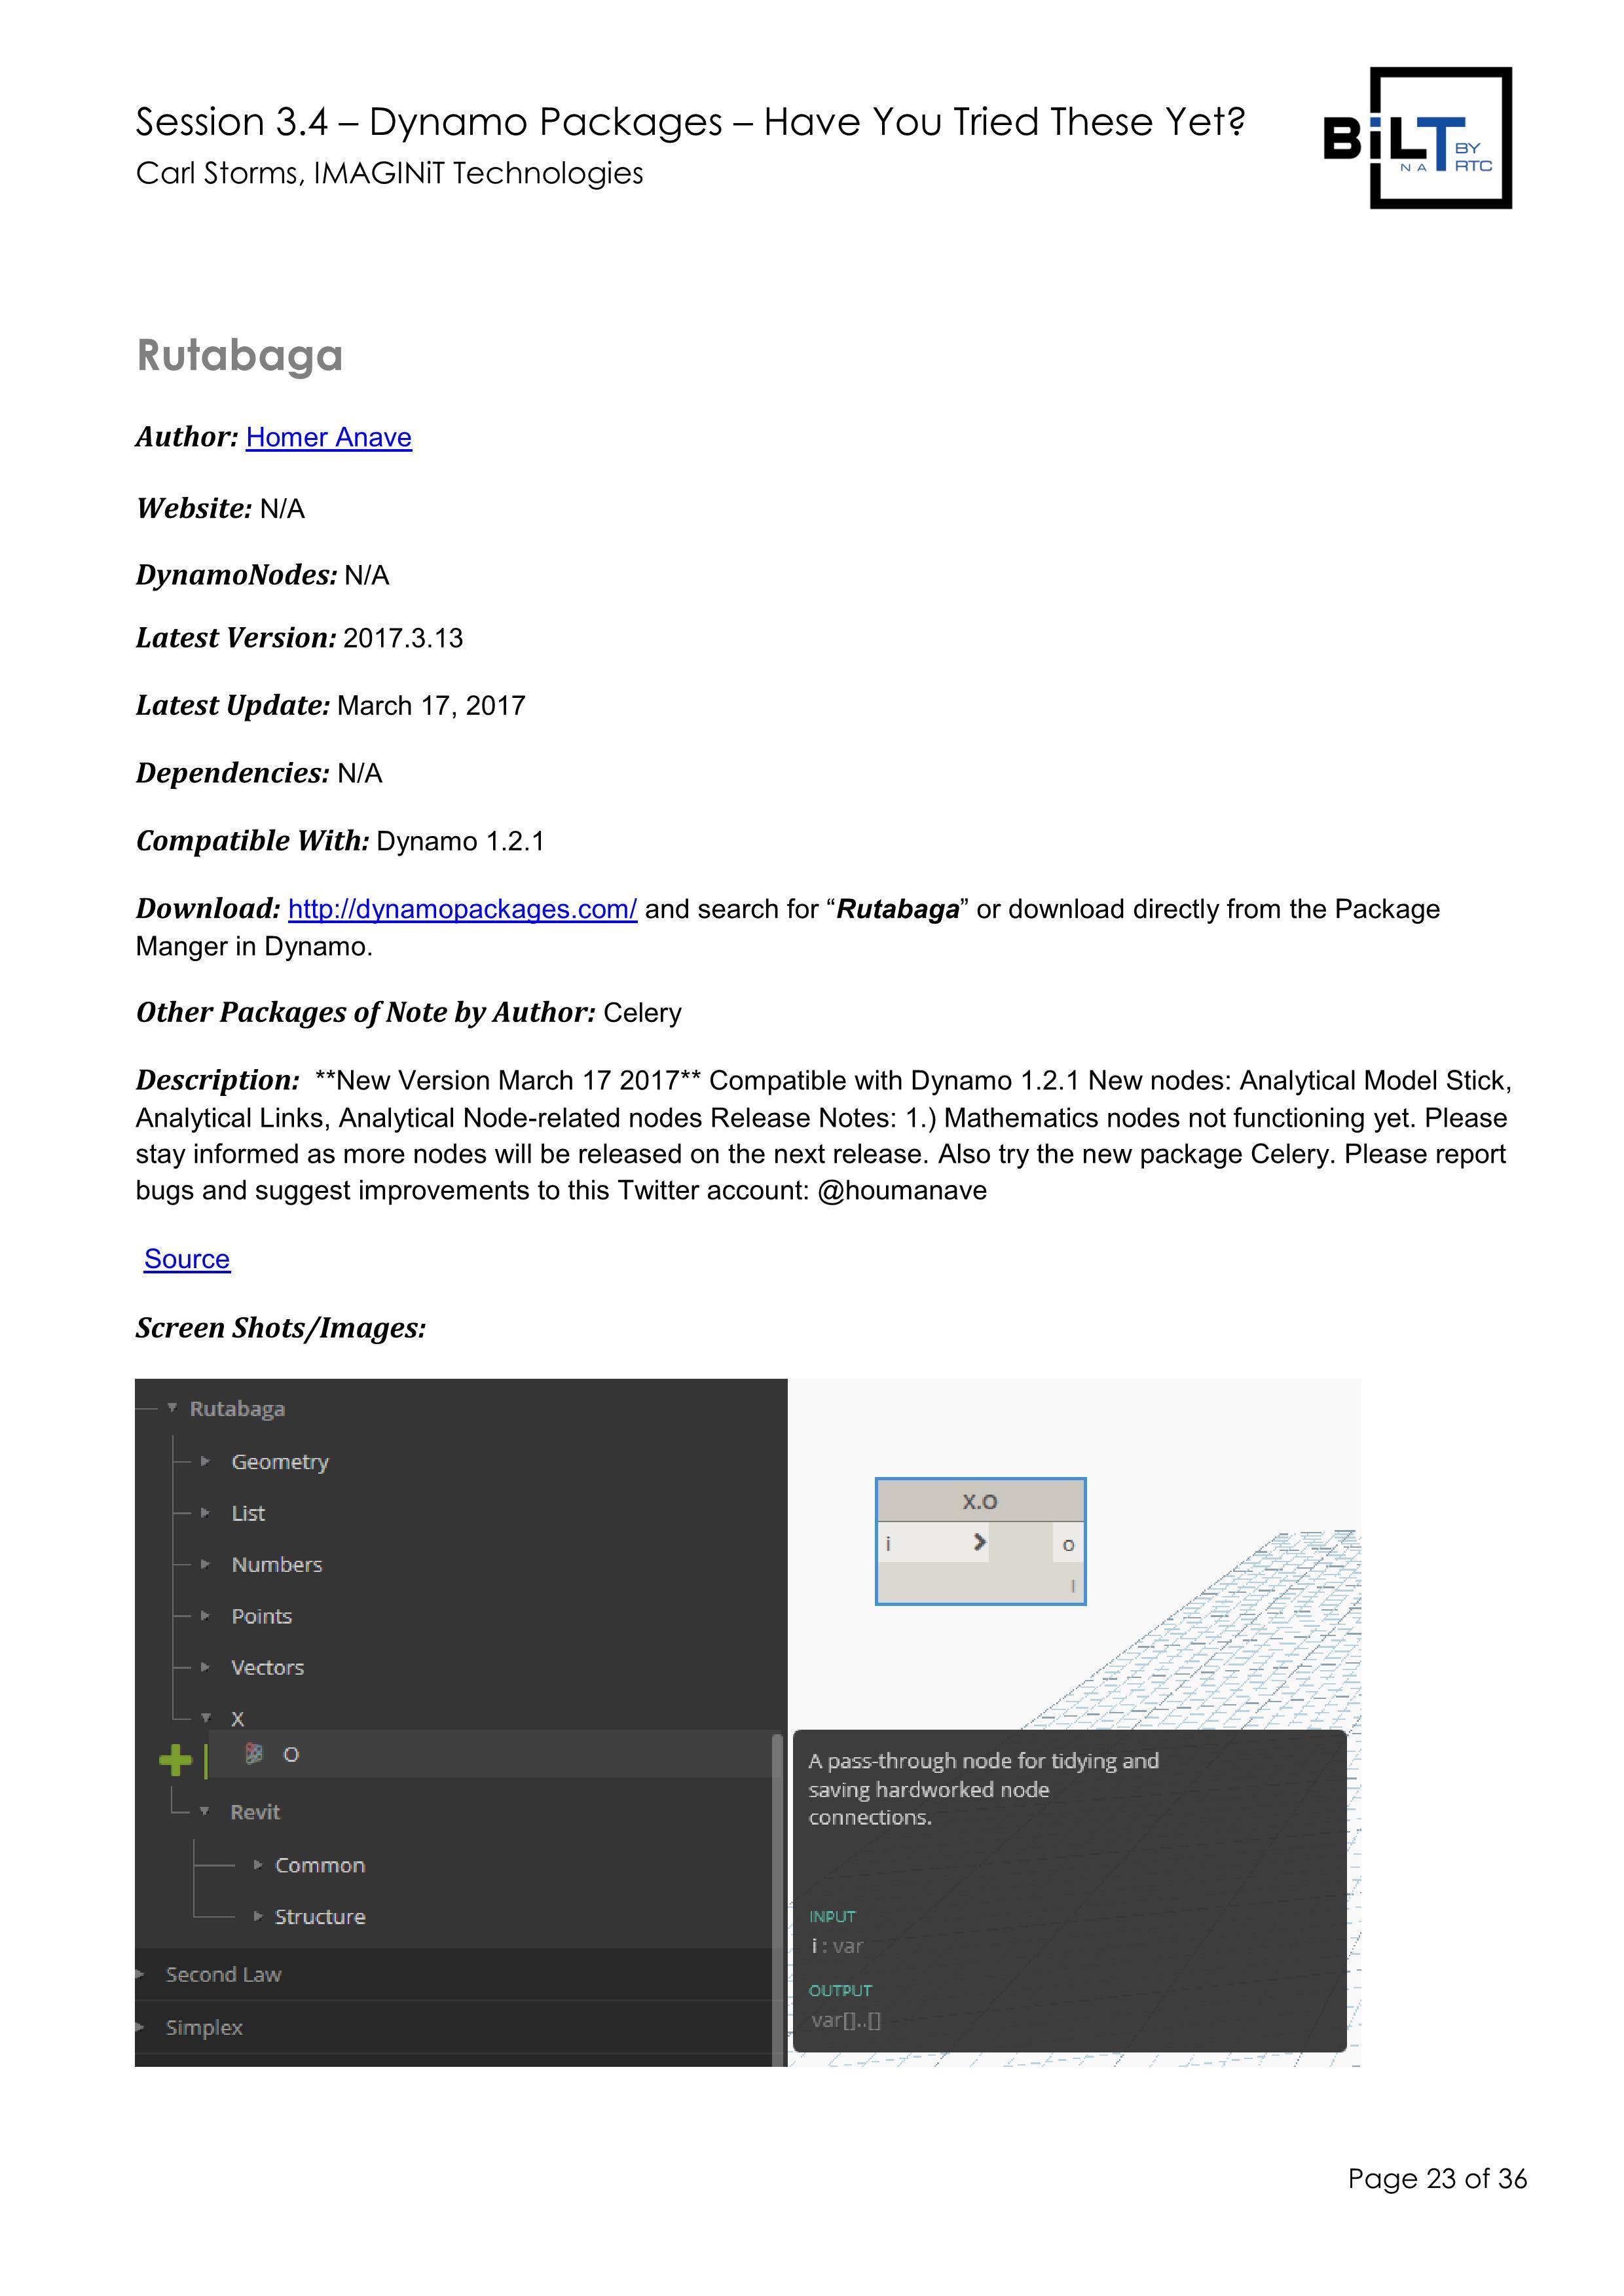 DynamoPackagesHaveYouTried Page 023.jpg